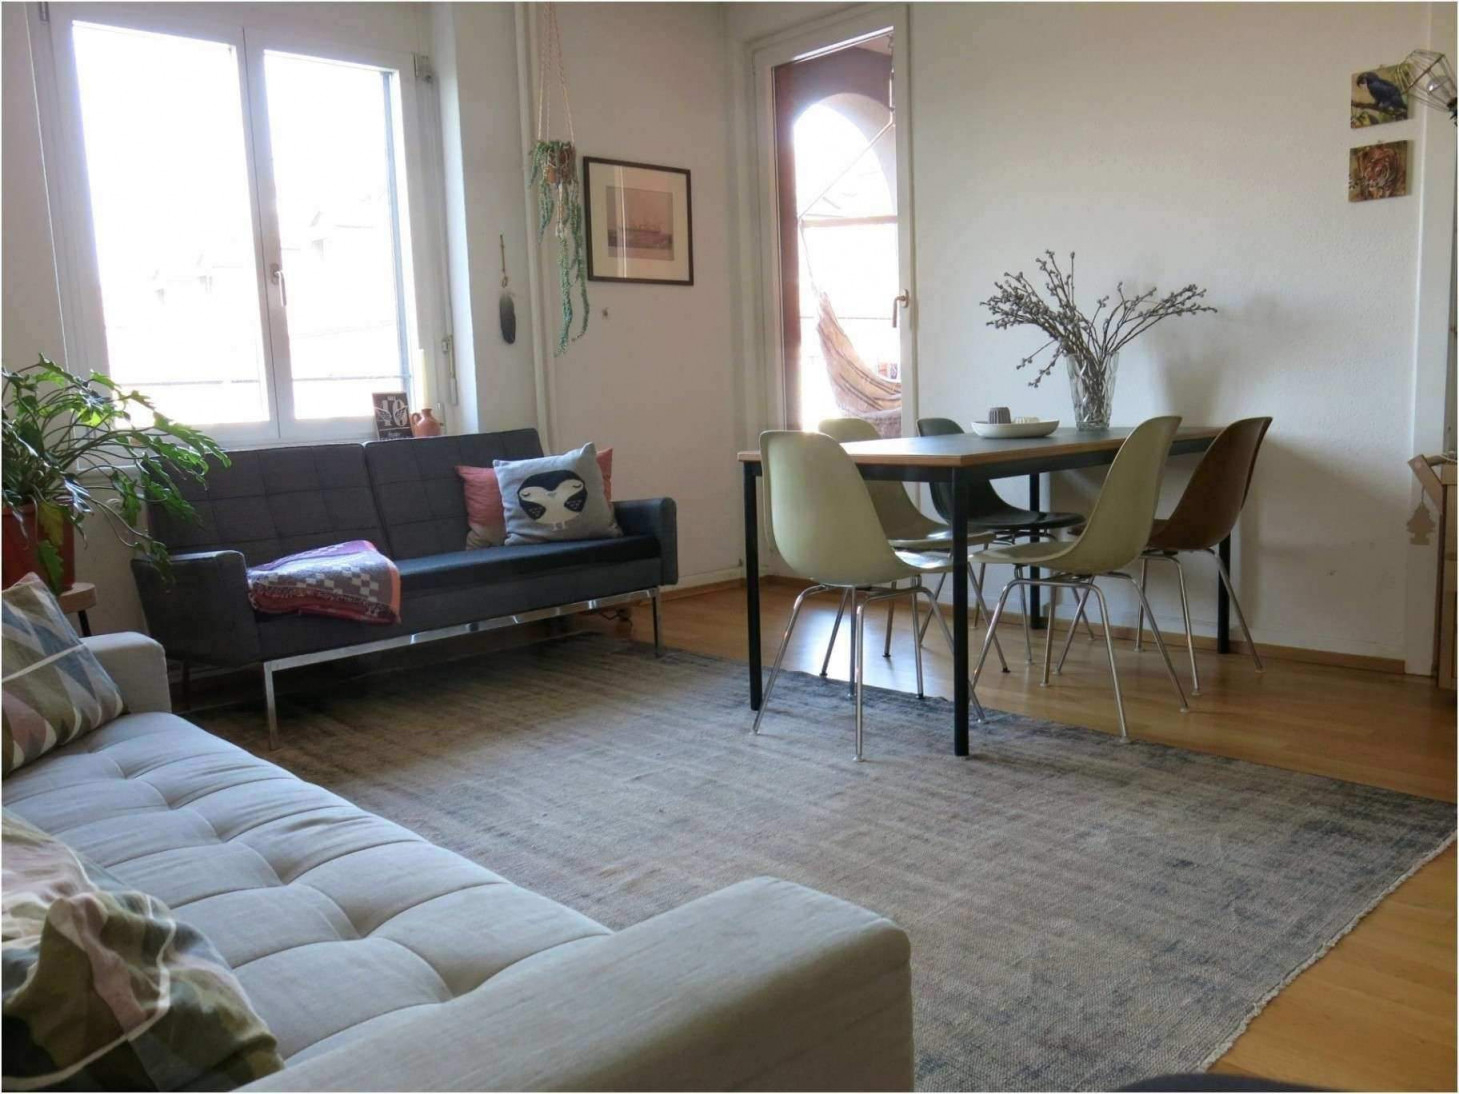 30 Luxus Kleines Wohnzimmer Mit Essbereich Einrichten von Wohnzimmer Mit Esstisch Einrichten Bild